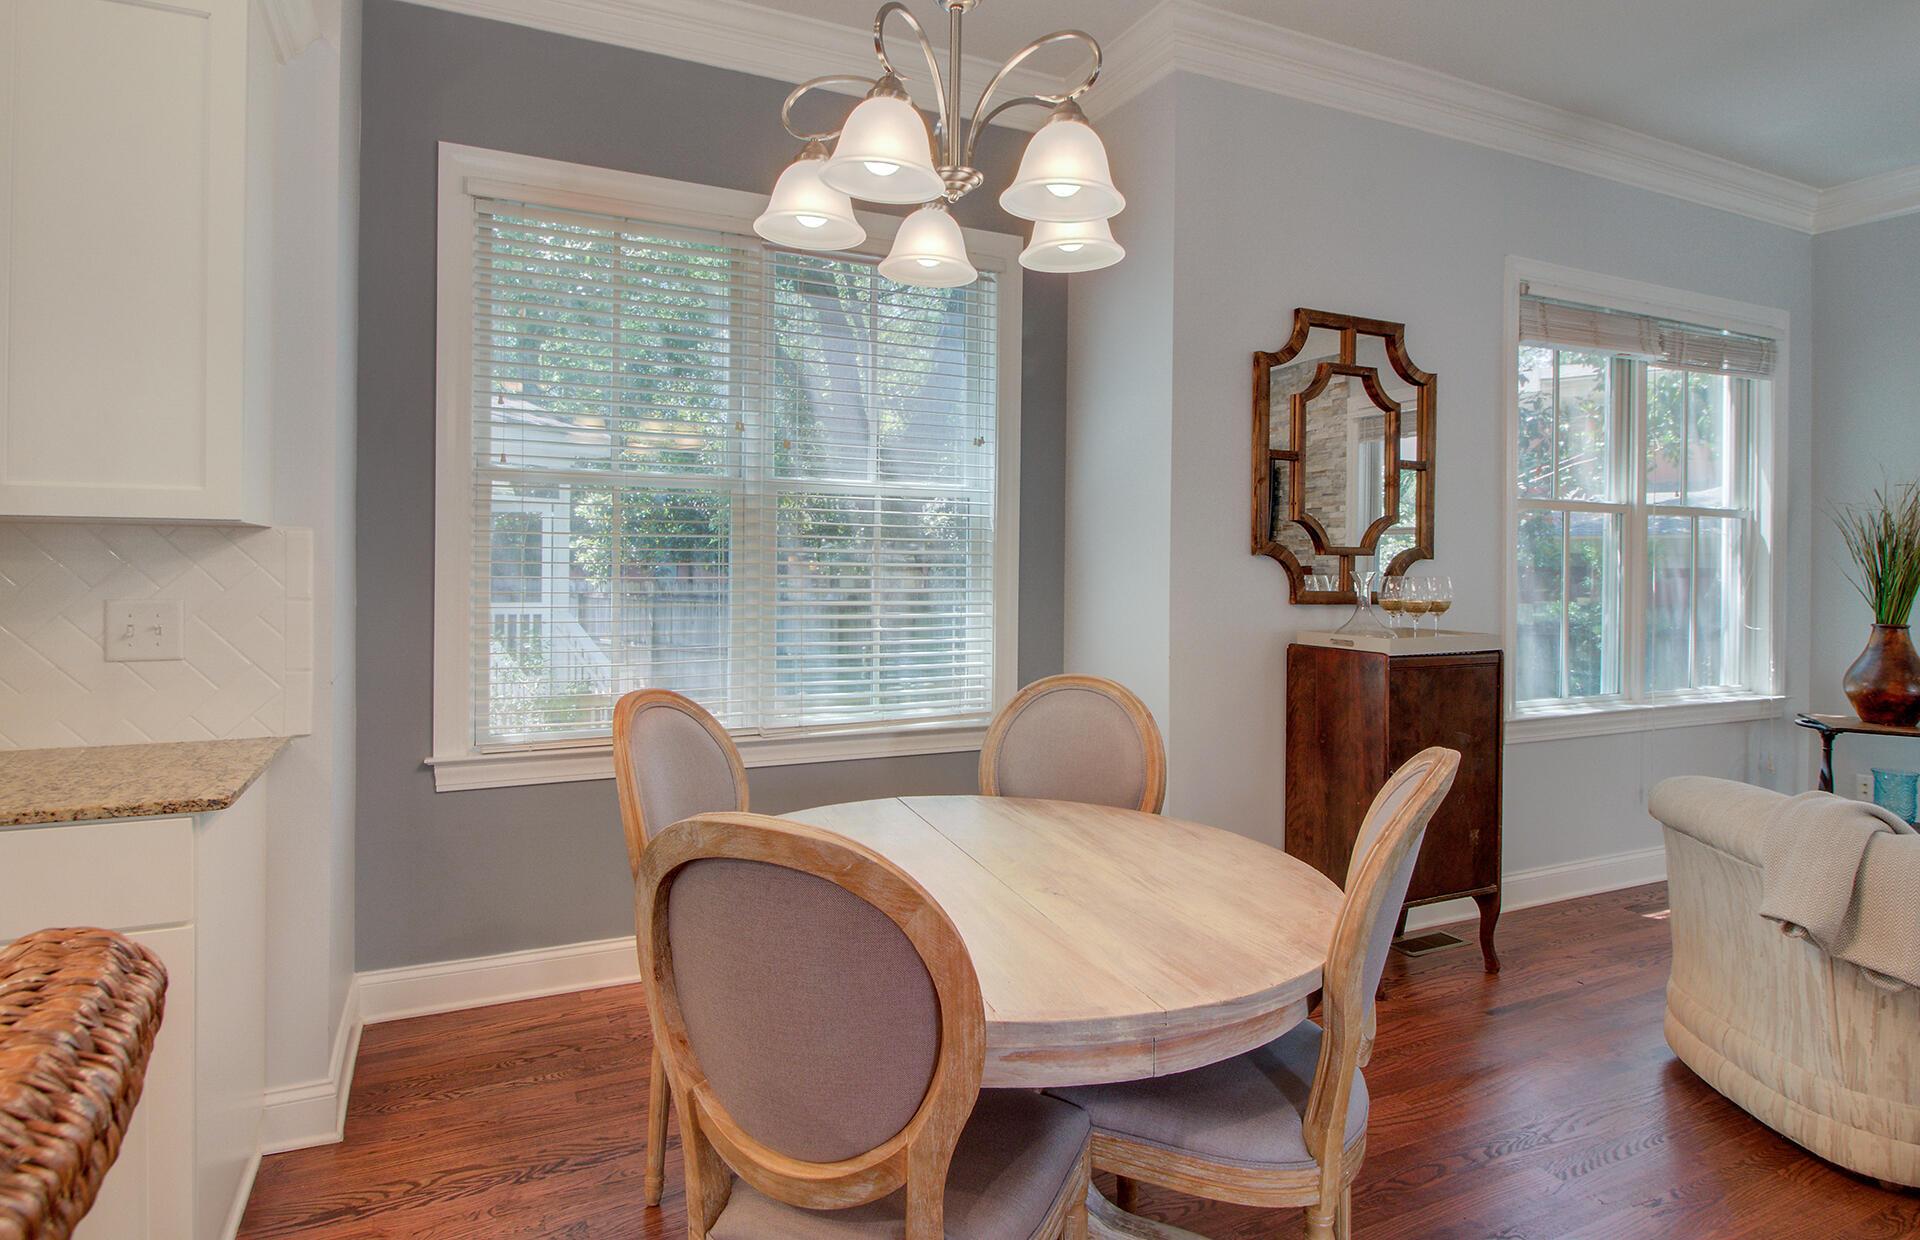 Phillips Park Homes For Sale - 1129 Phillips Park, Mount Pleasant, SC - 20